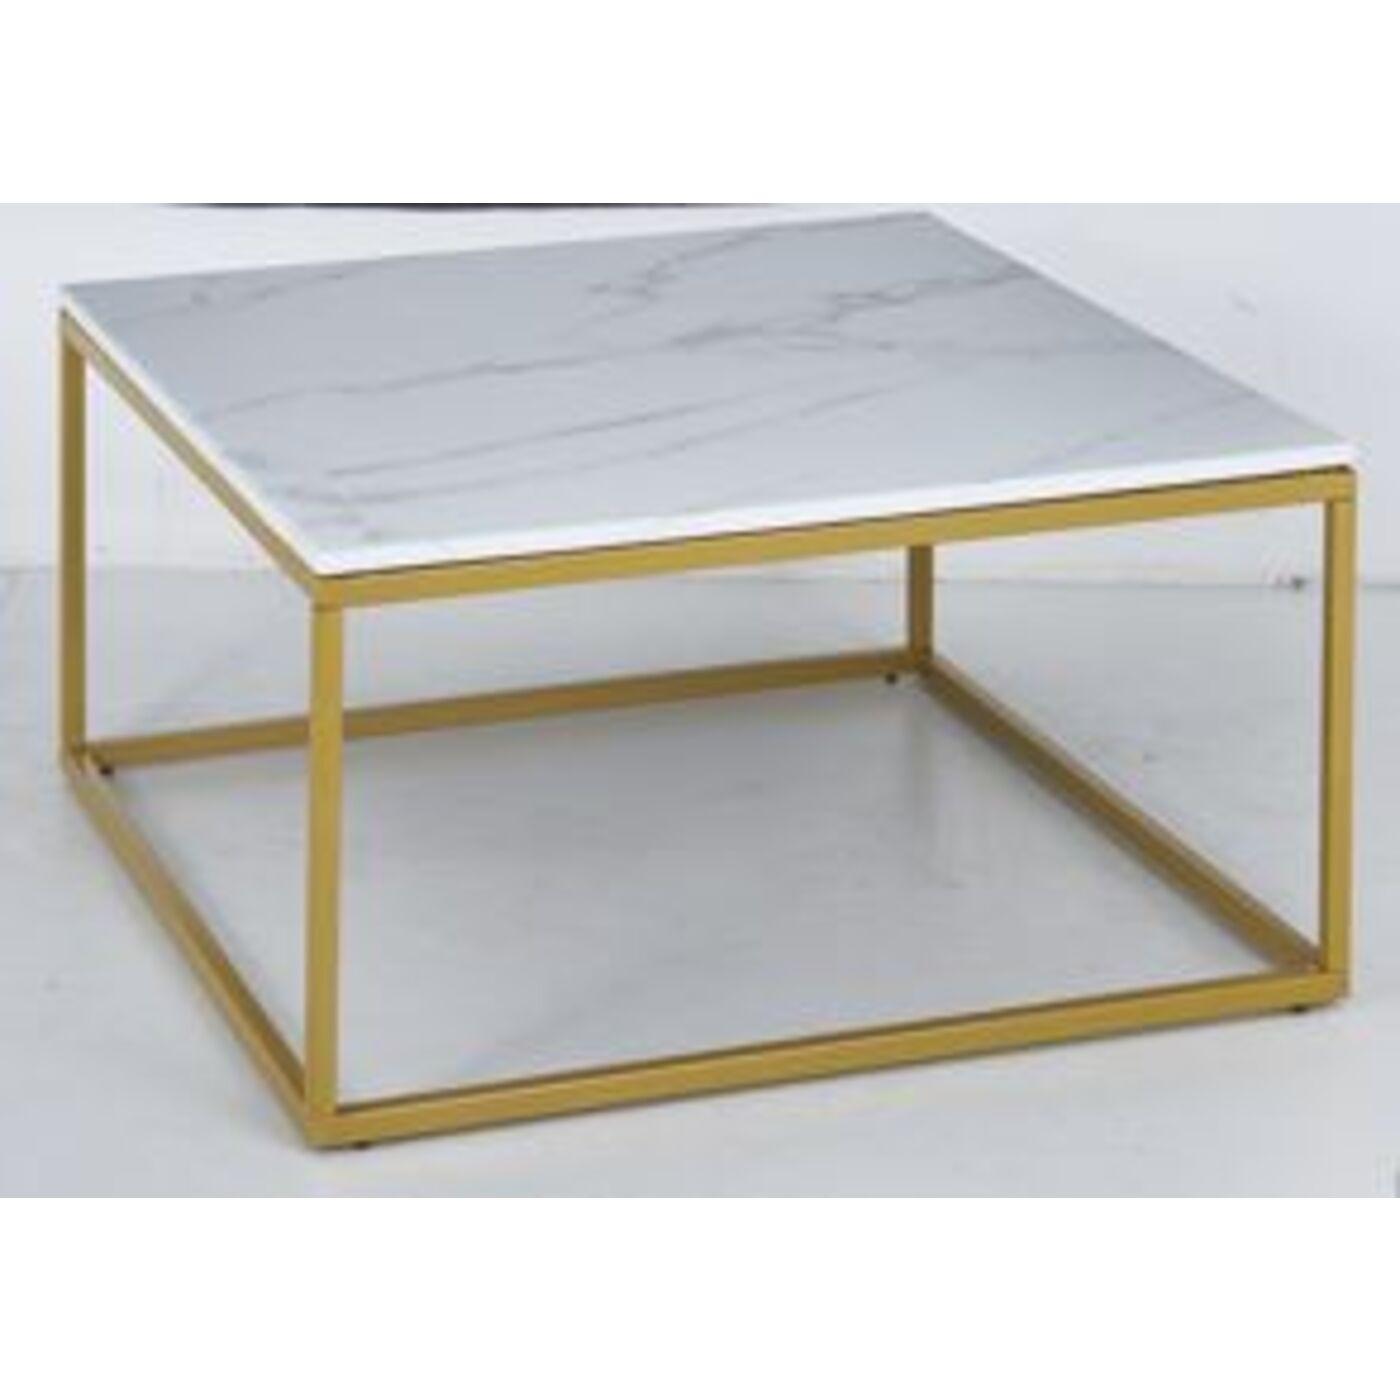 Couchtisch Key West Marble Gold 90x90cm